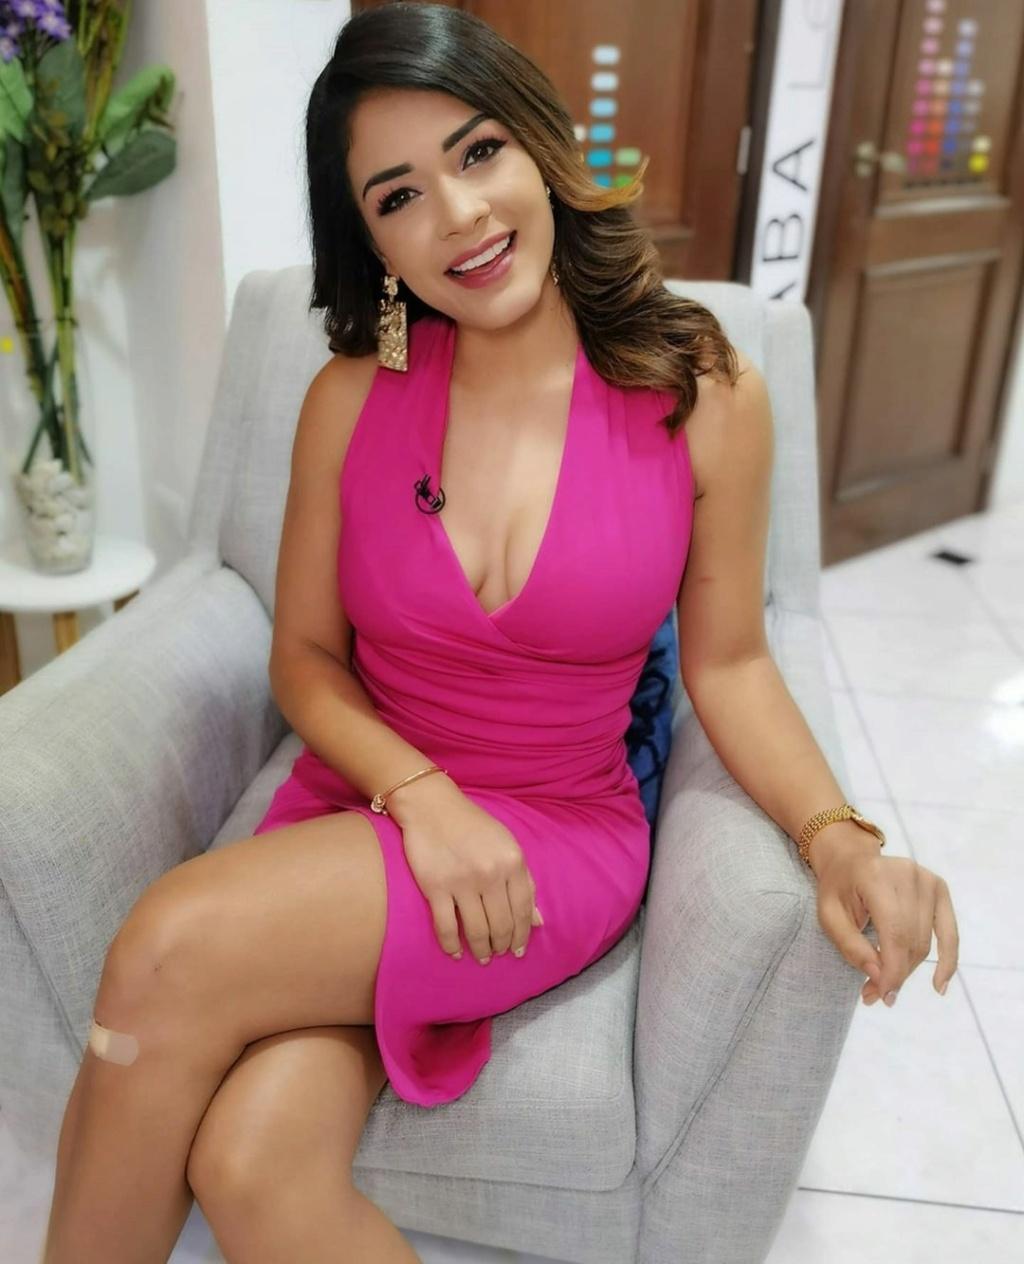 DEBATE sobre belleza, guapura y hermosura (fotos de chicas latinas, mestizas, y de todo) - VOL II - Página 3 Img_2588